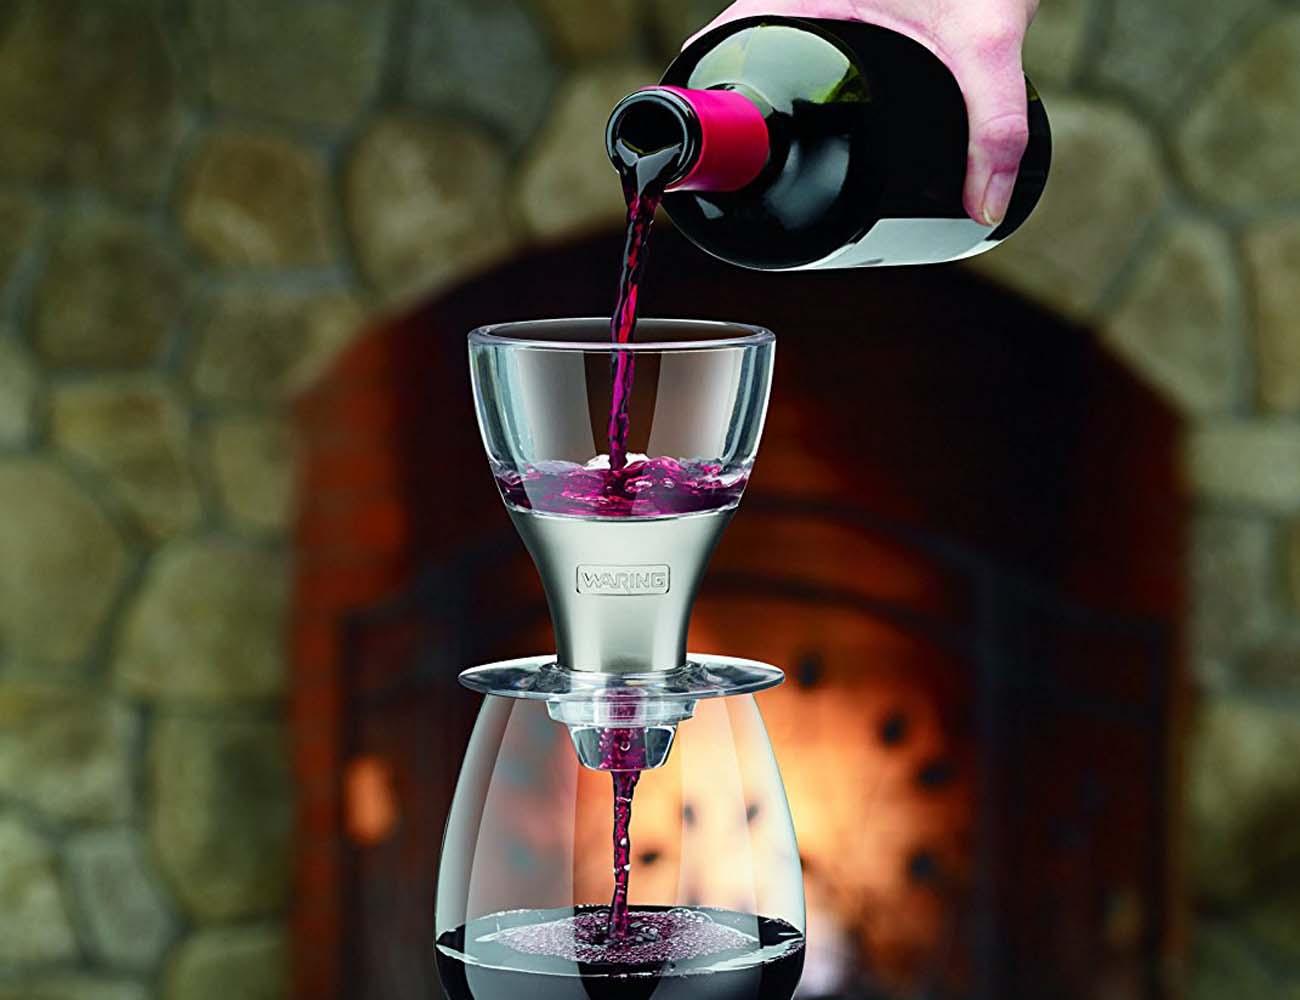 Waring+Pro+%26%238211%3B+Stainless+Steel+Wine+Aerator